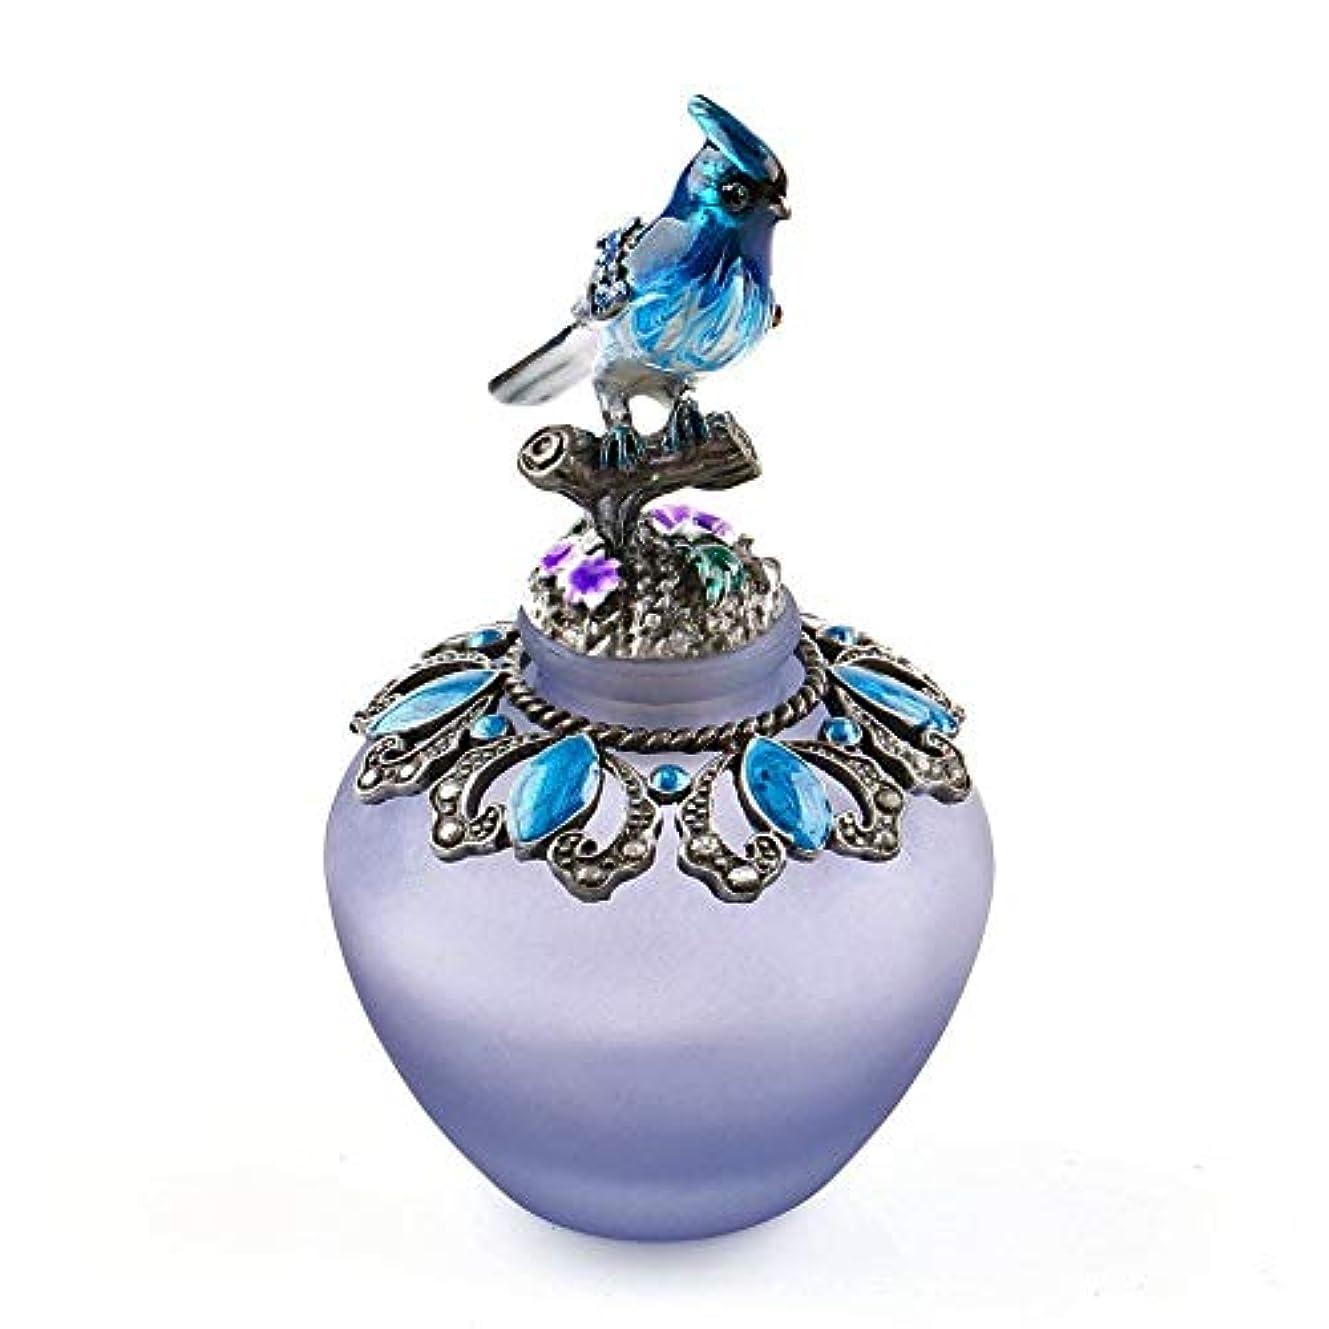 戦艦鉱夫フルーツ野菜EasyRaku 高品質 美しい香水瓶 鳥40ML ガラスアロマボトル 綺麗アンティーク調欧風デザイン クリスマスプレゼント 結婚式 飾り